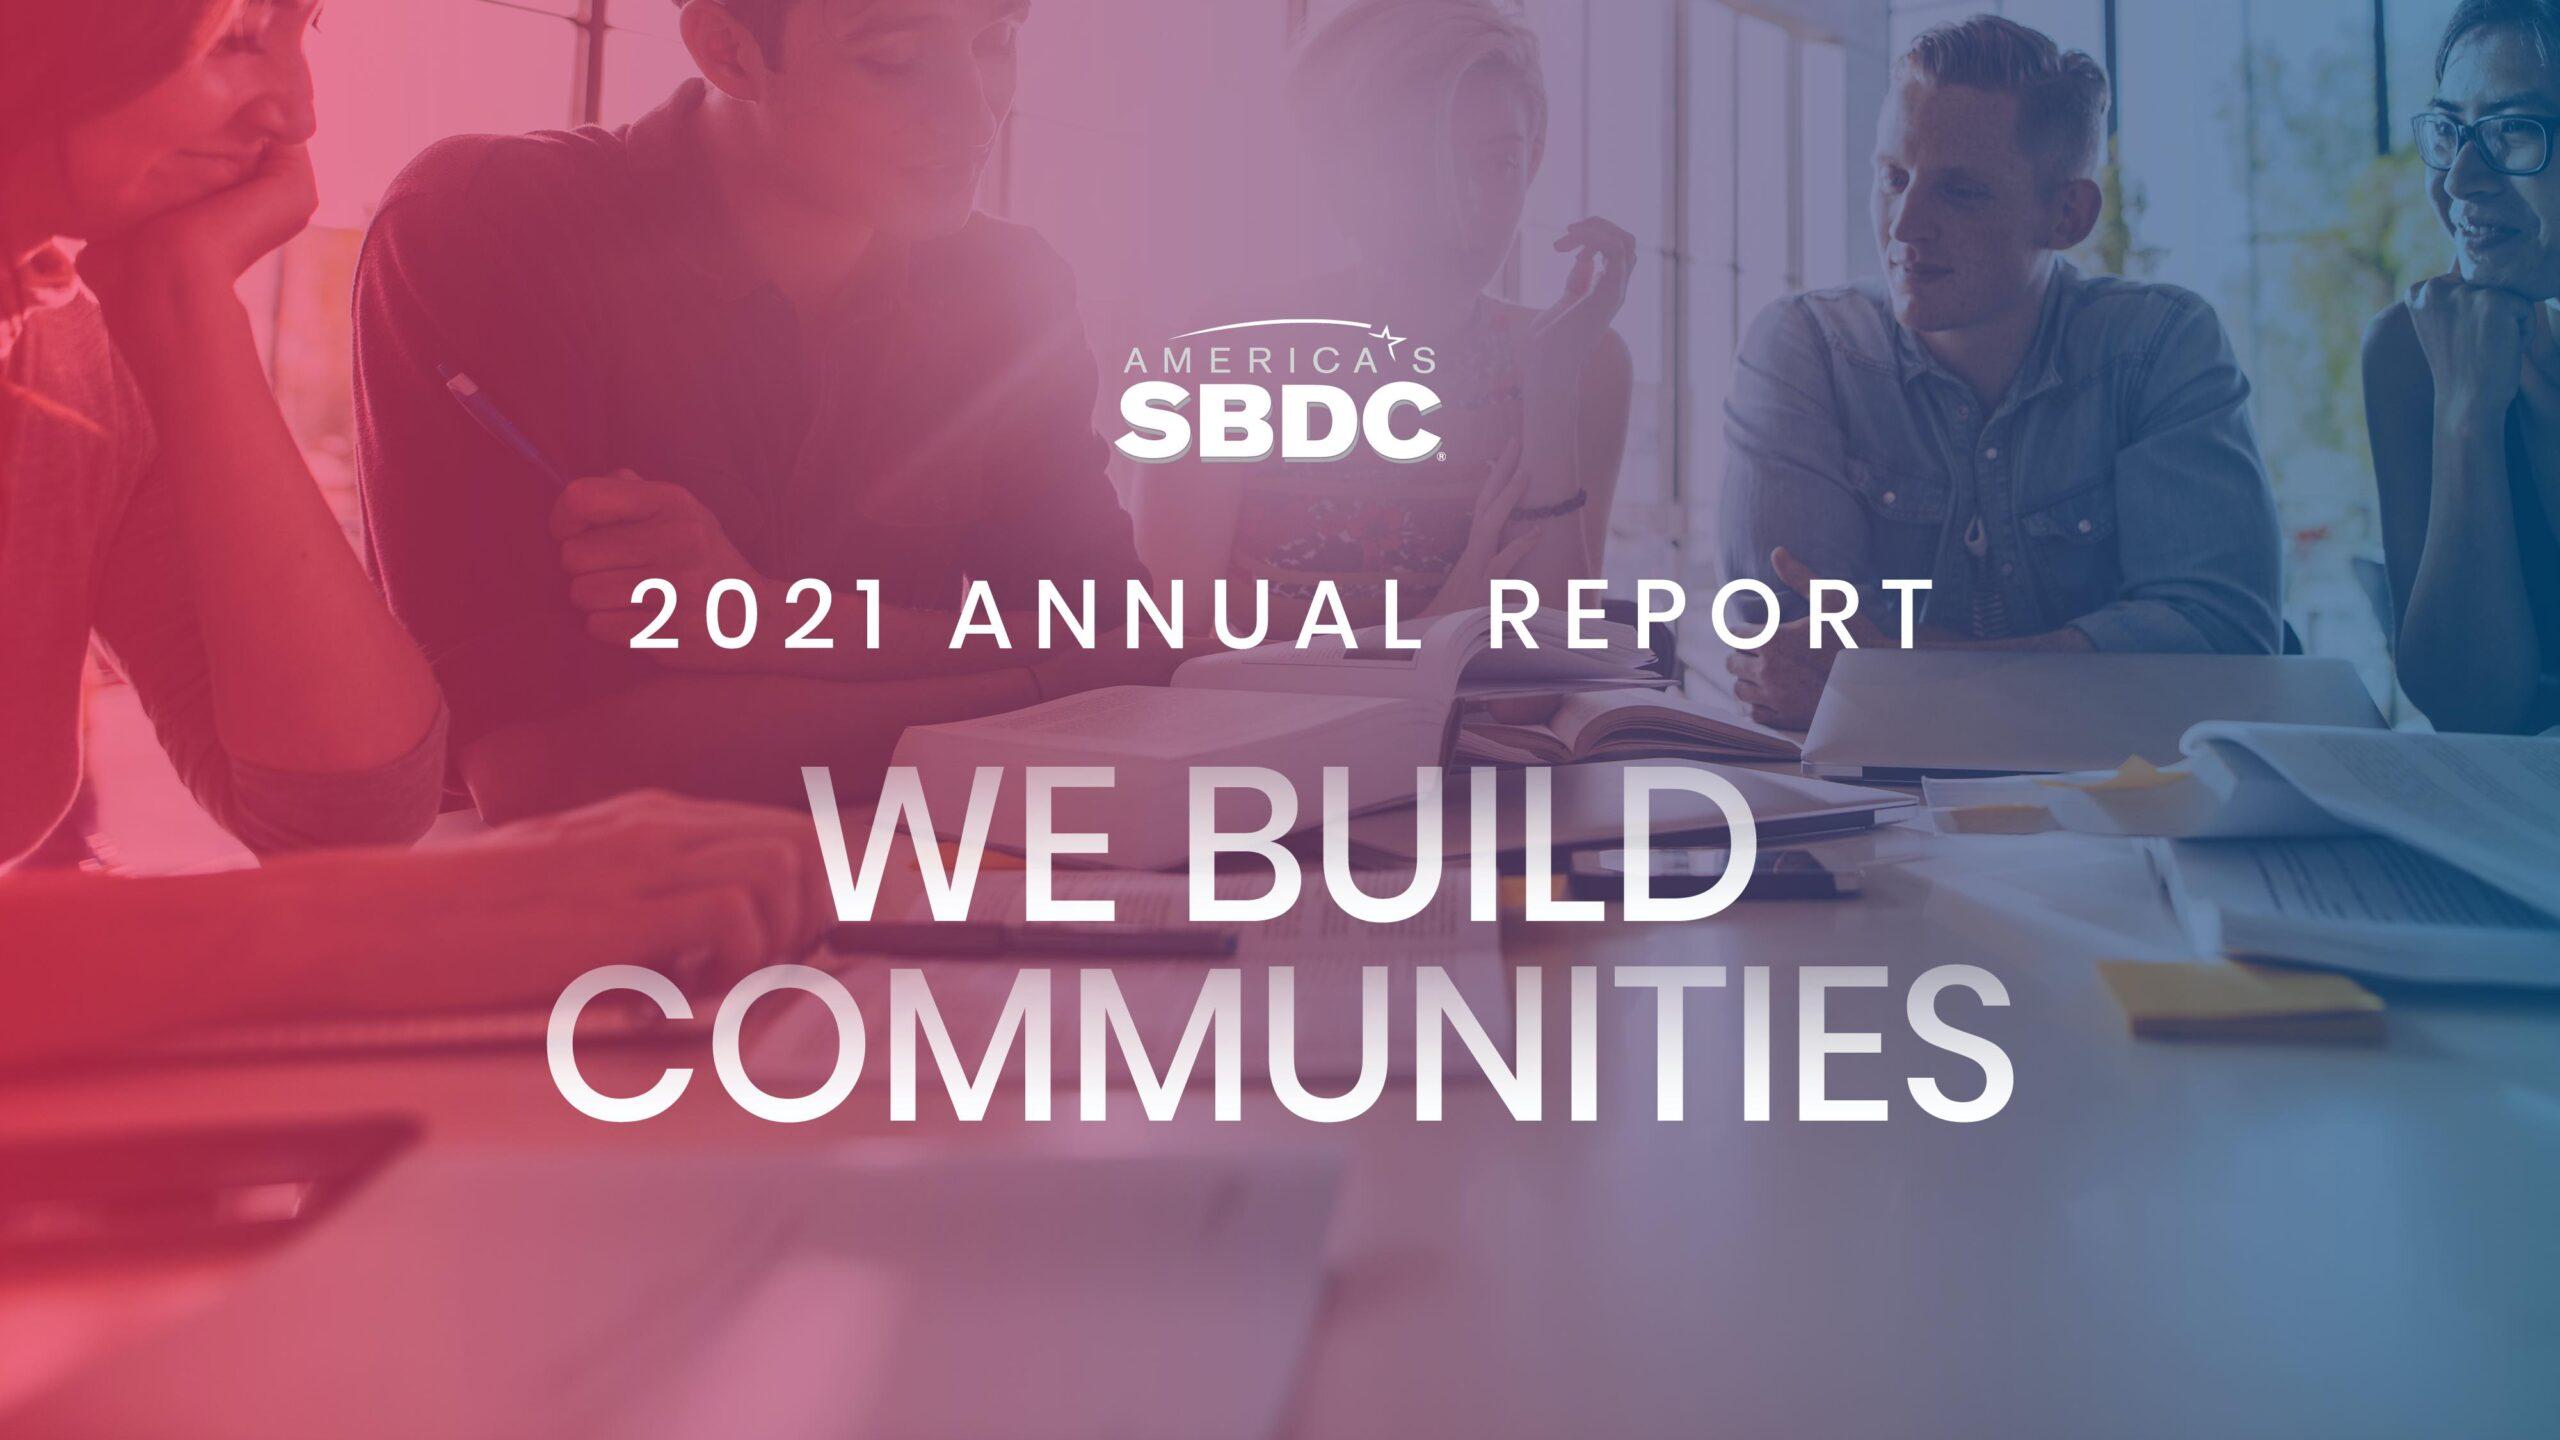 america's sbdc annual report 2021